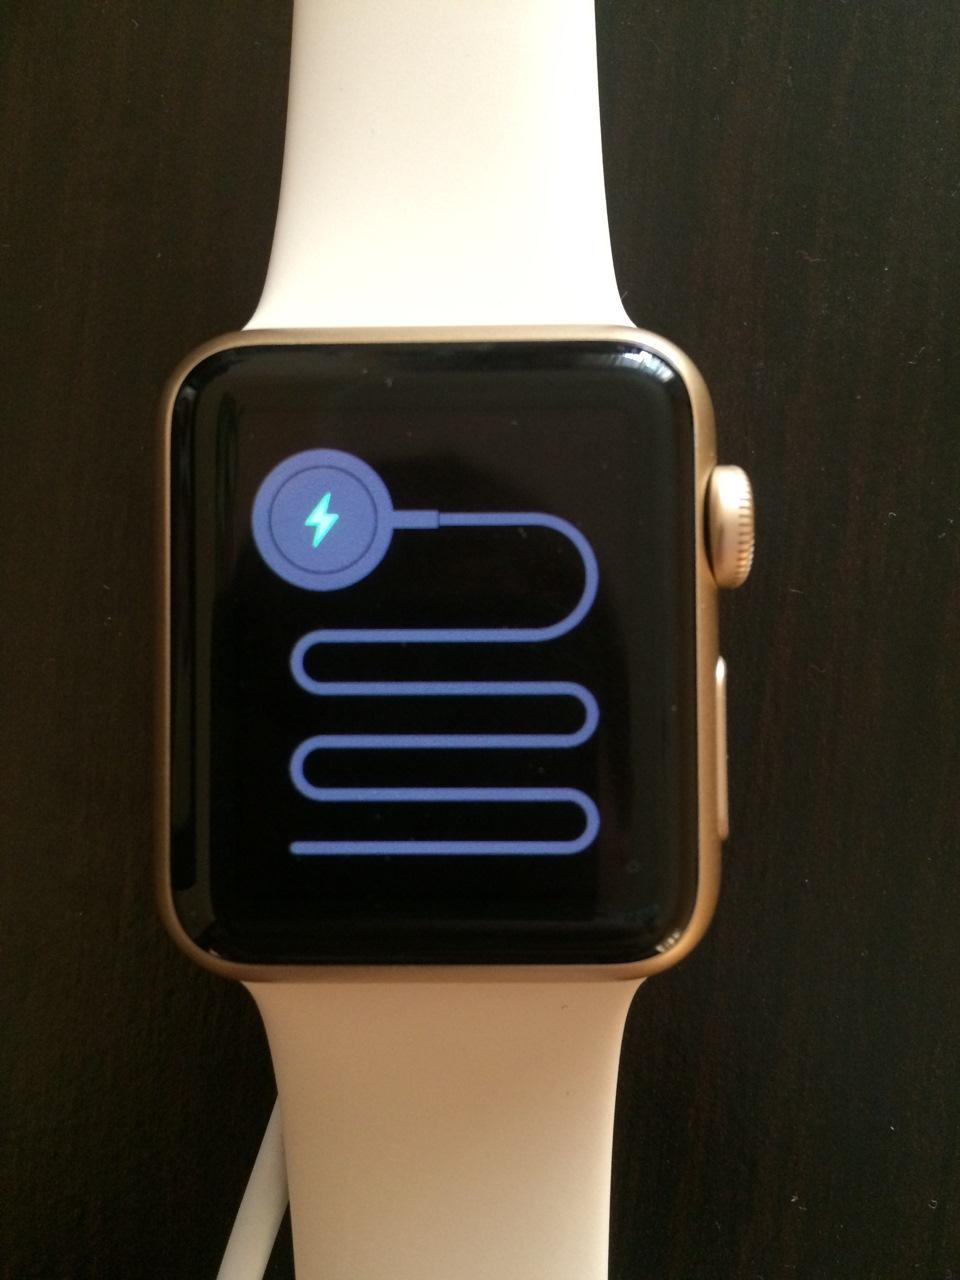 Раскрыты характеристики iphone  она позволяет включать и выключать часы, а также вызывать адресную книгу.